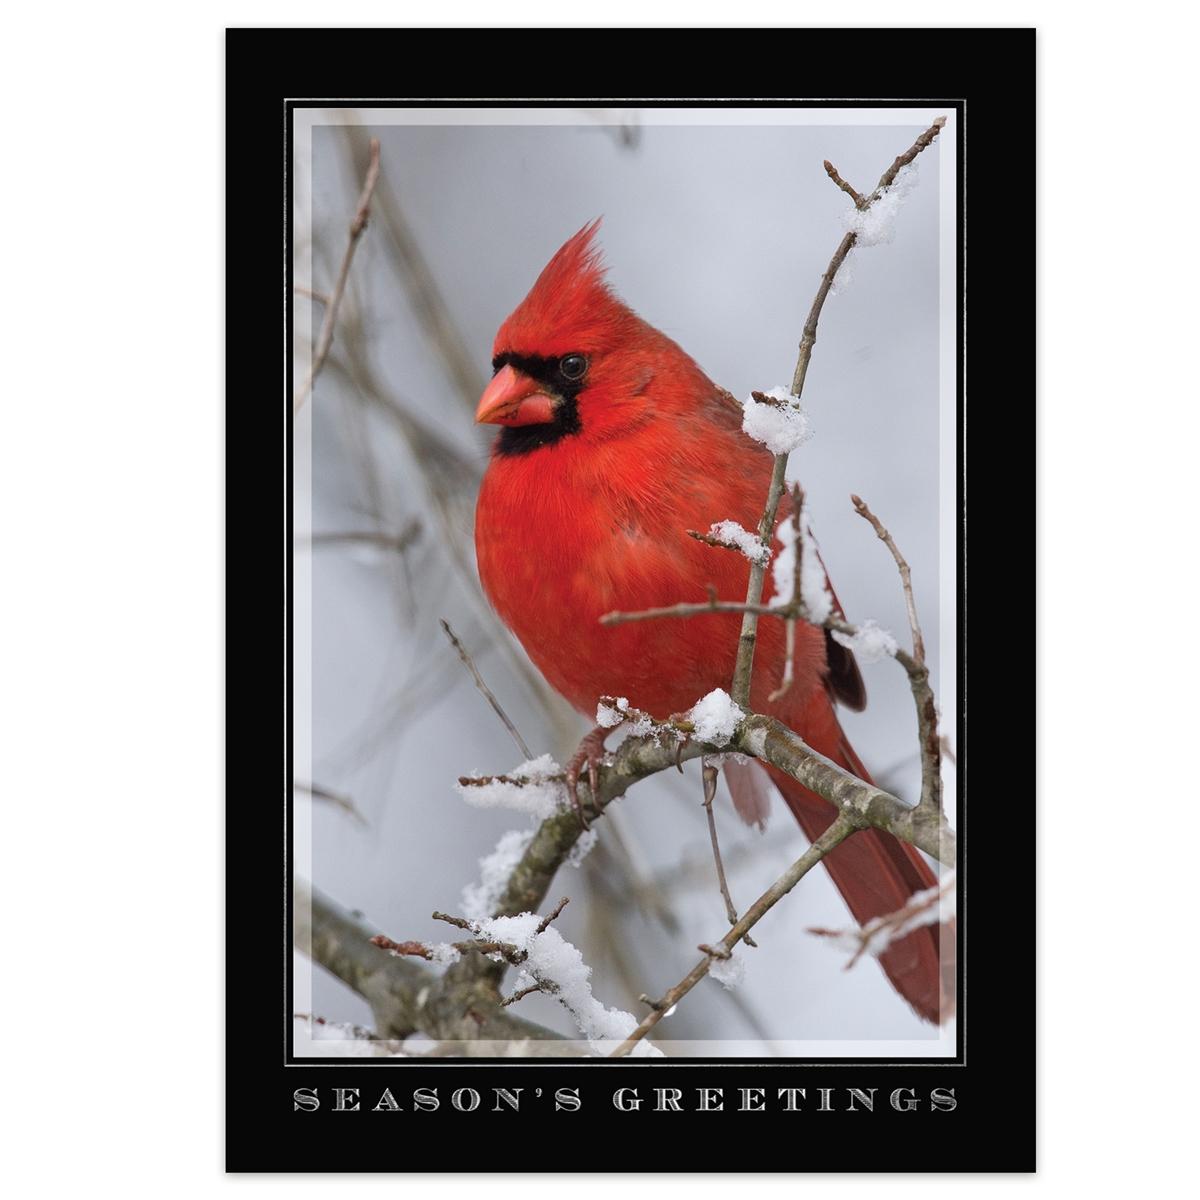 Scarlet Greetings Card